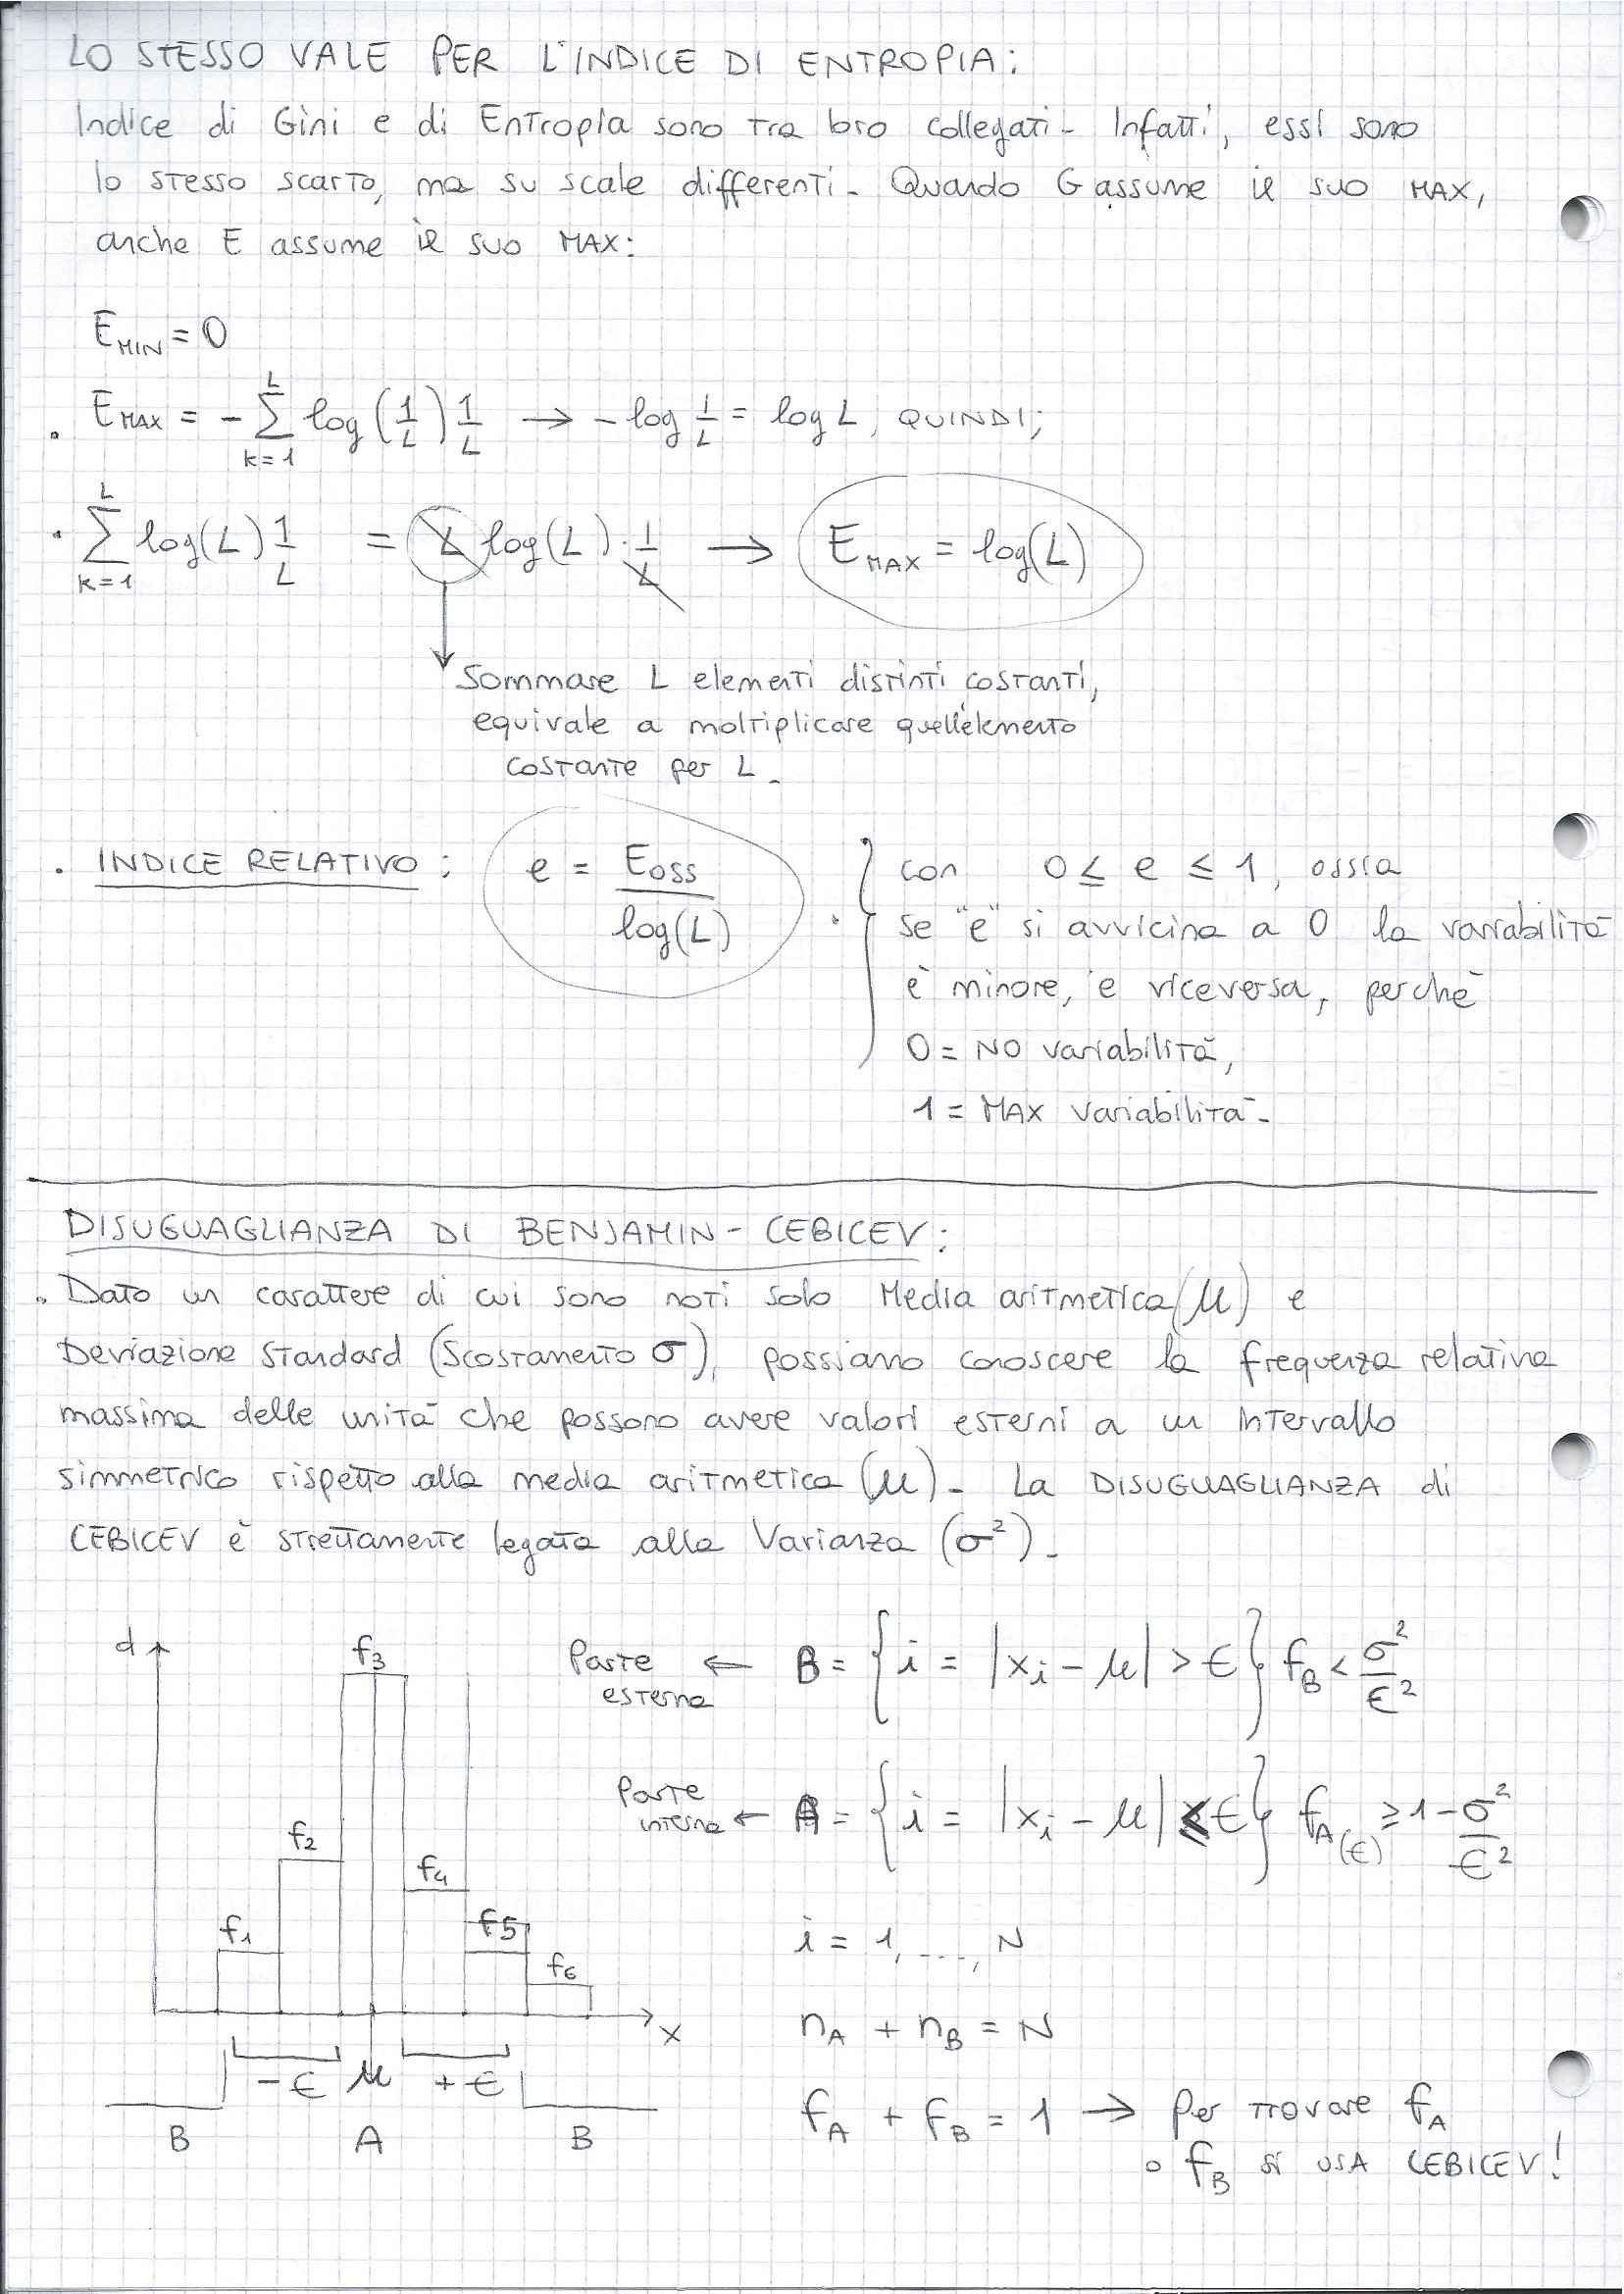 Statistica - Indice di Entropia